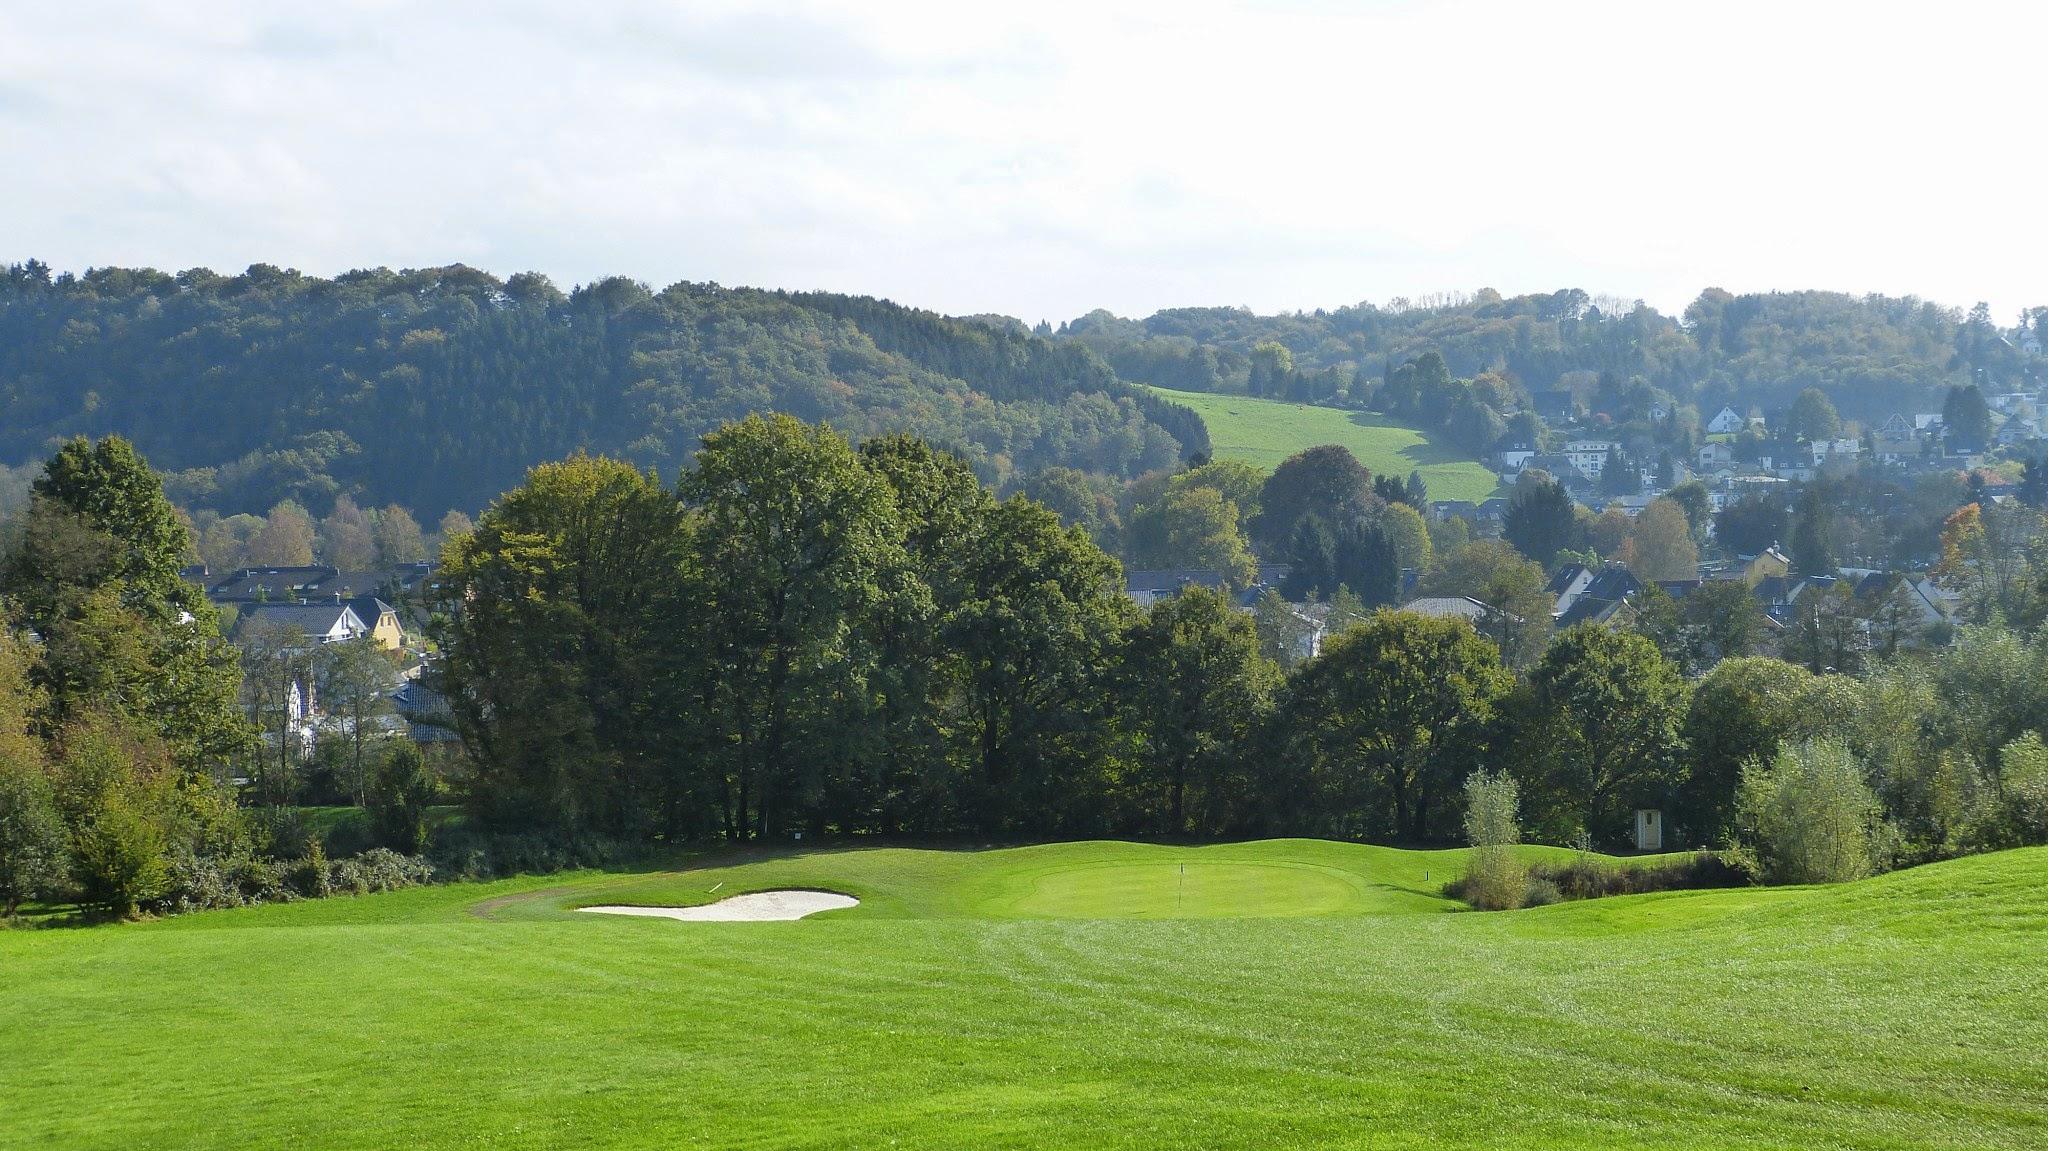 Golfplatz - Bahn17